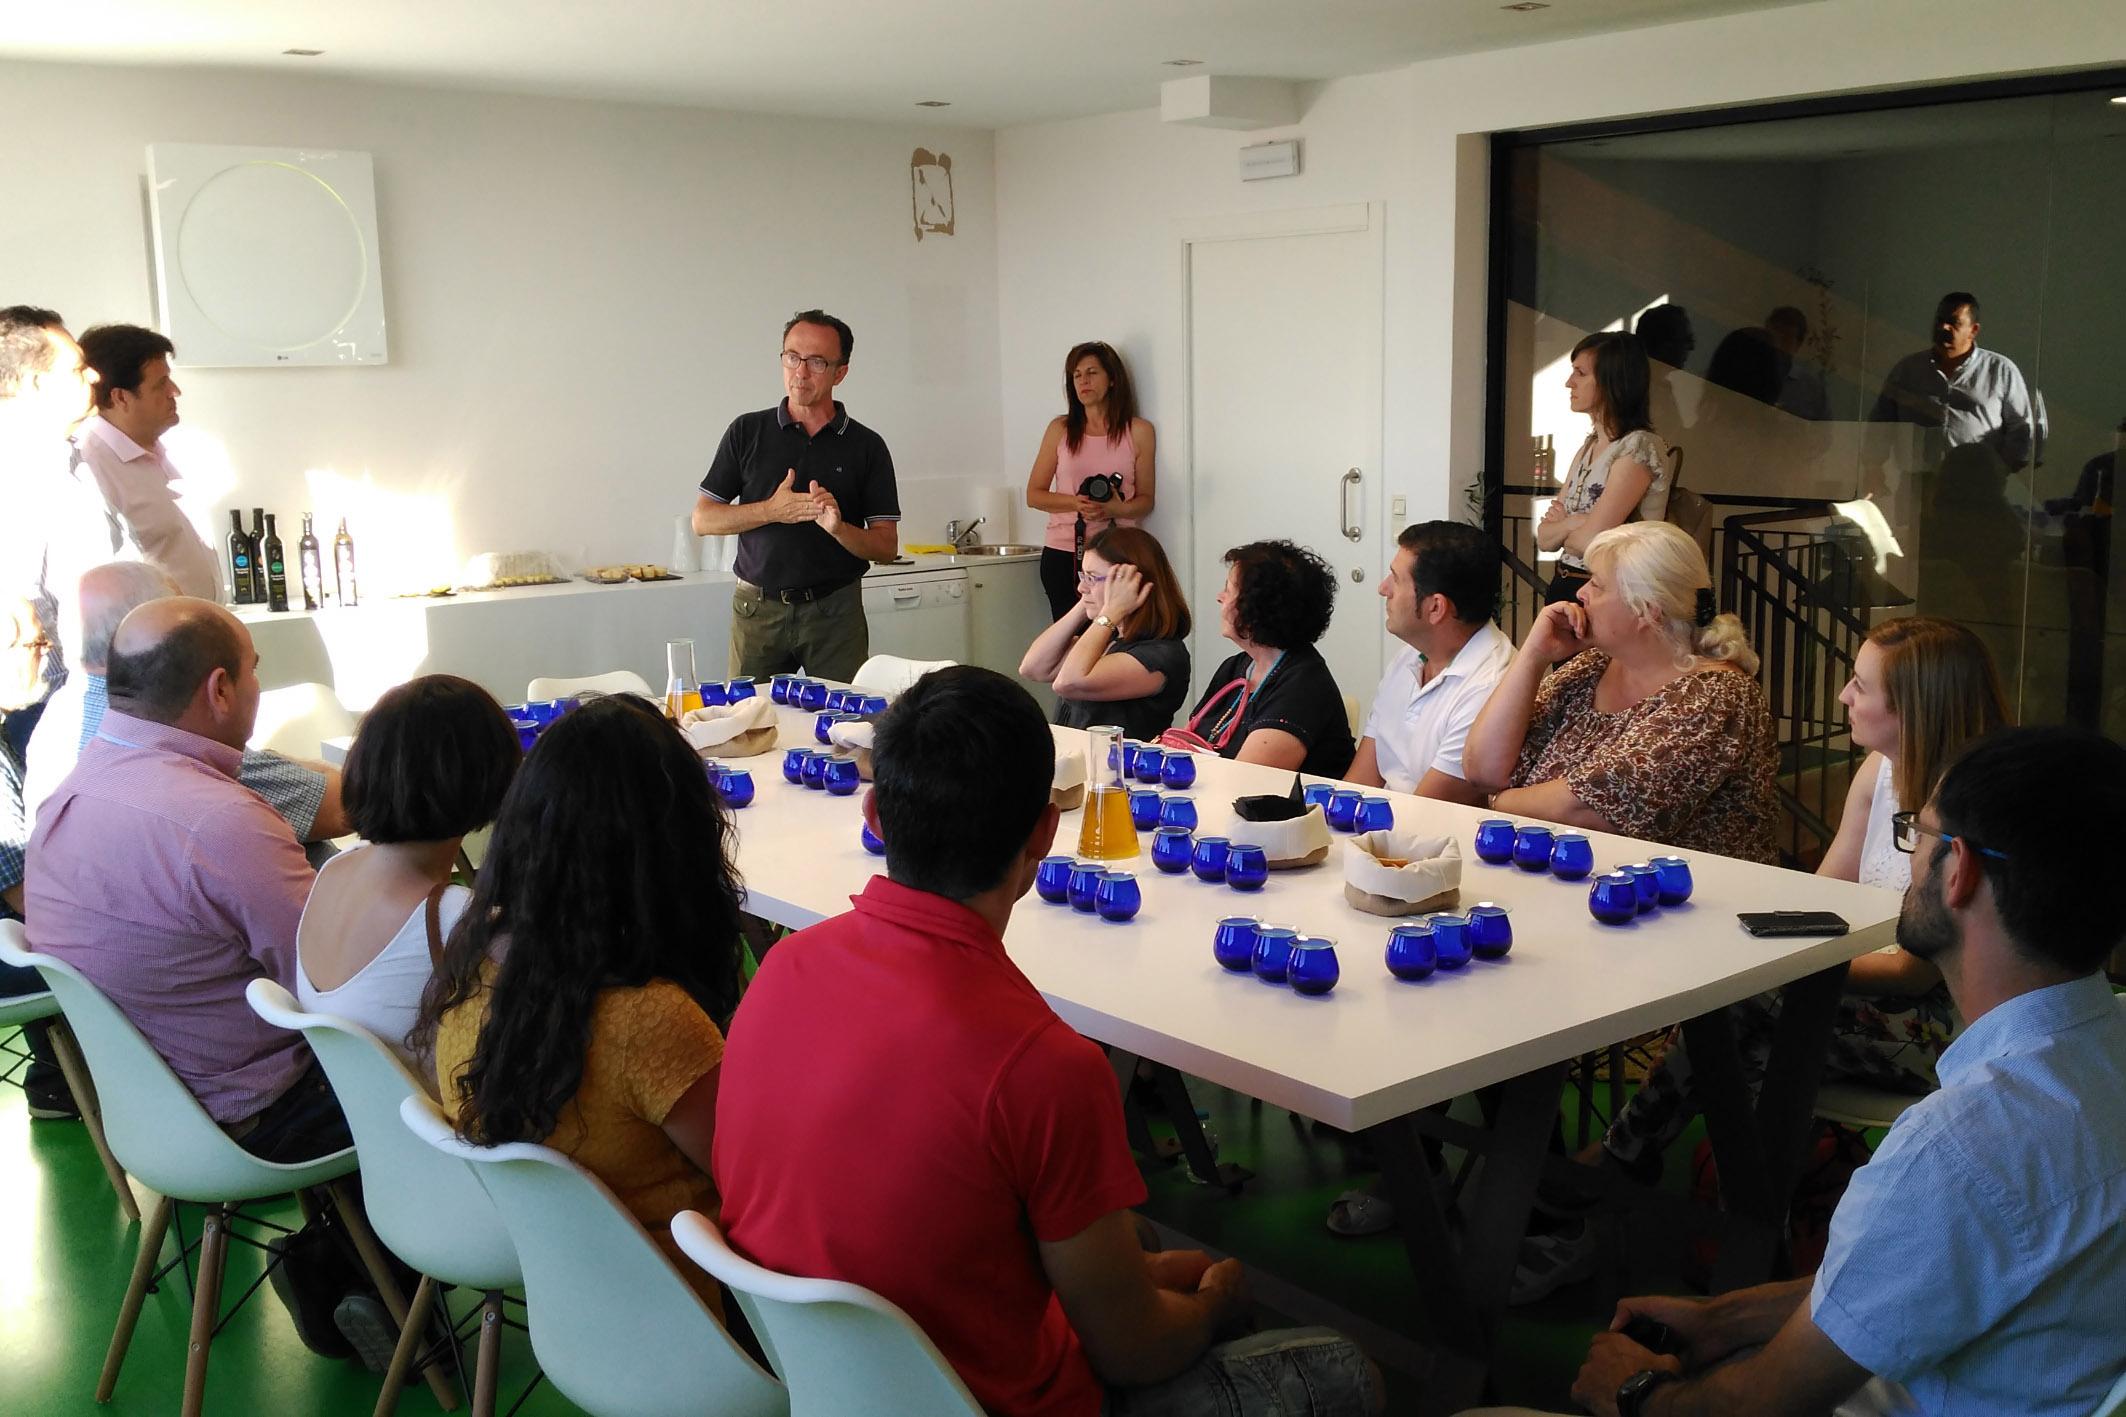 Alto Guadiana Mancha celebró una junta directiva y  asamblea general extraordinaria en la Casa de Medrano de Argamasilla de Alba